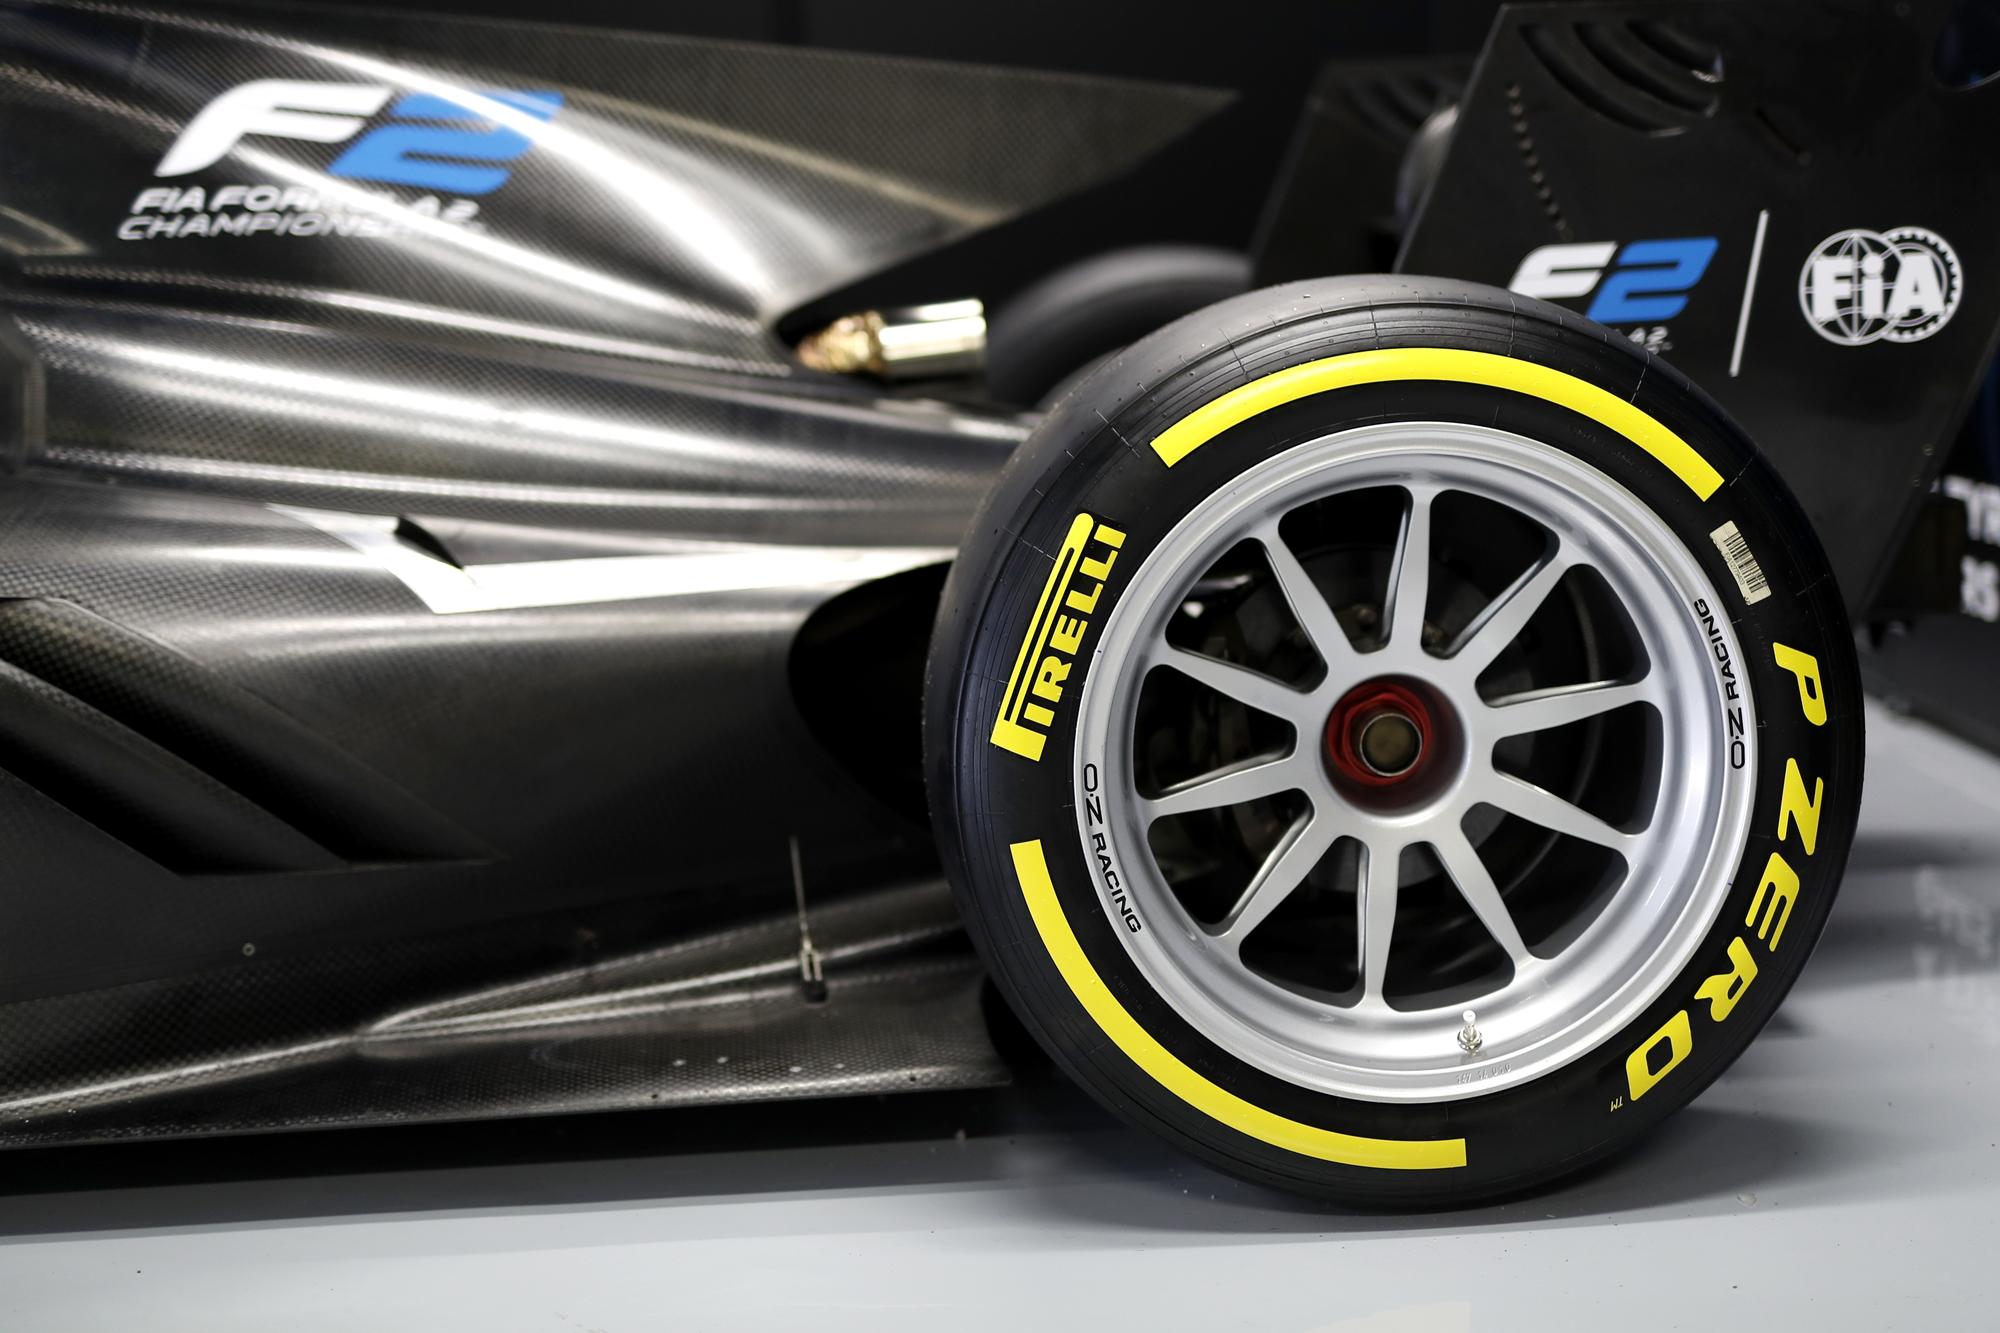 F1, F2: Máris a 18 colos Pirelliké a főszerep